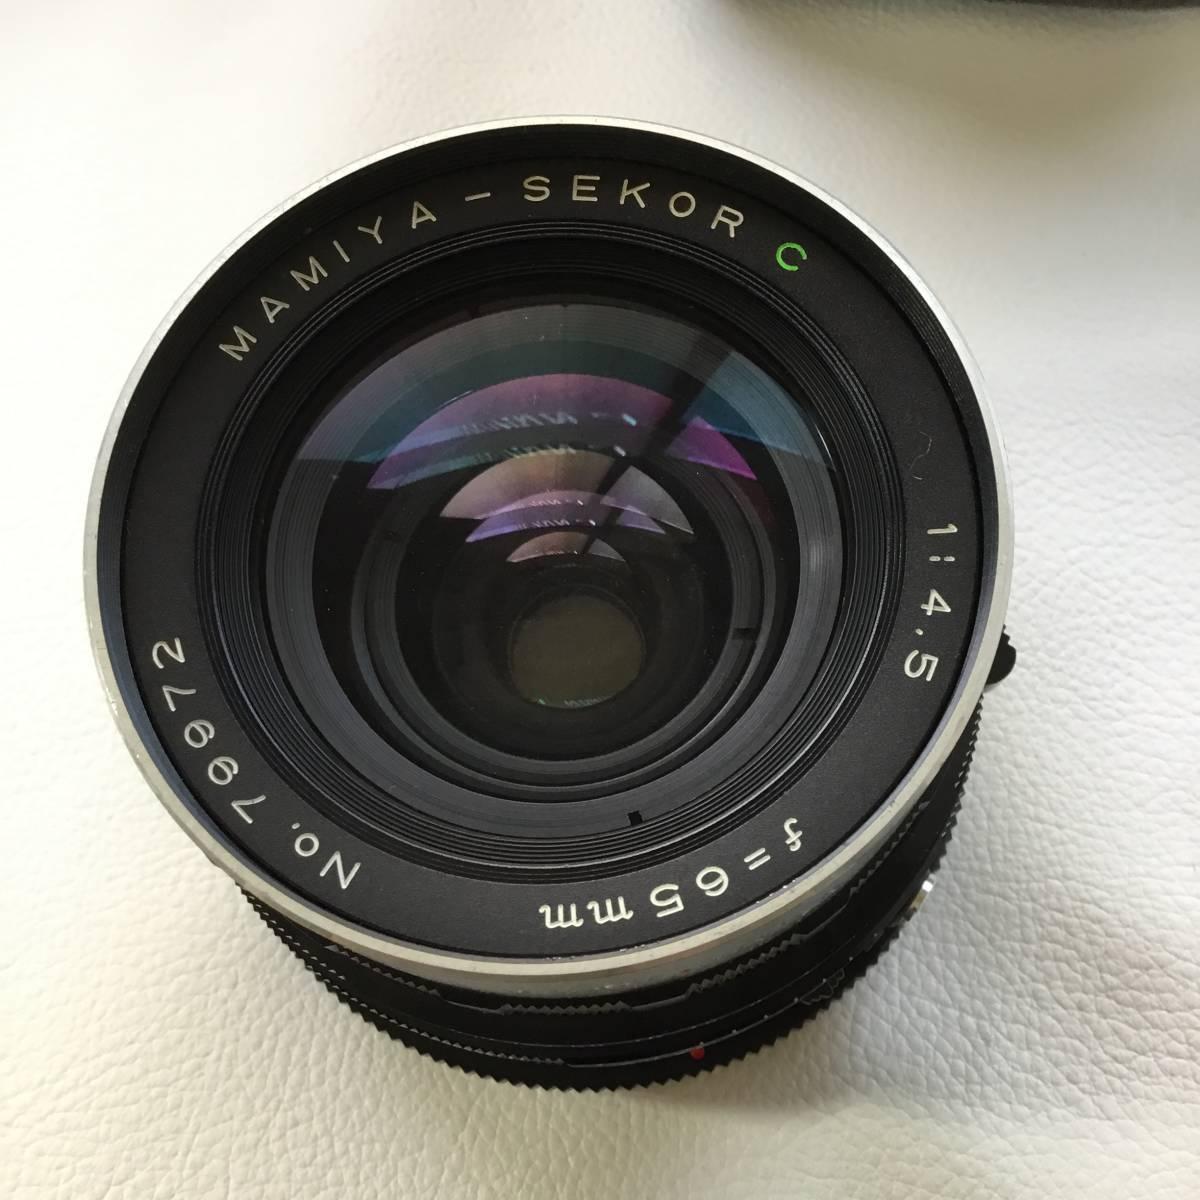 マミヤ Mamiya RB67 PROFESSIONAL S MAMIYA-SEKOR C f=65mm 中判カメラ_画像8